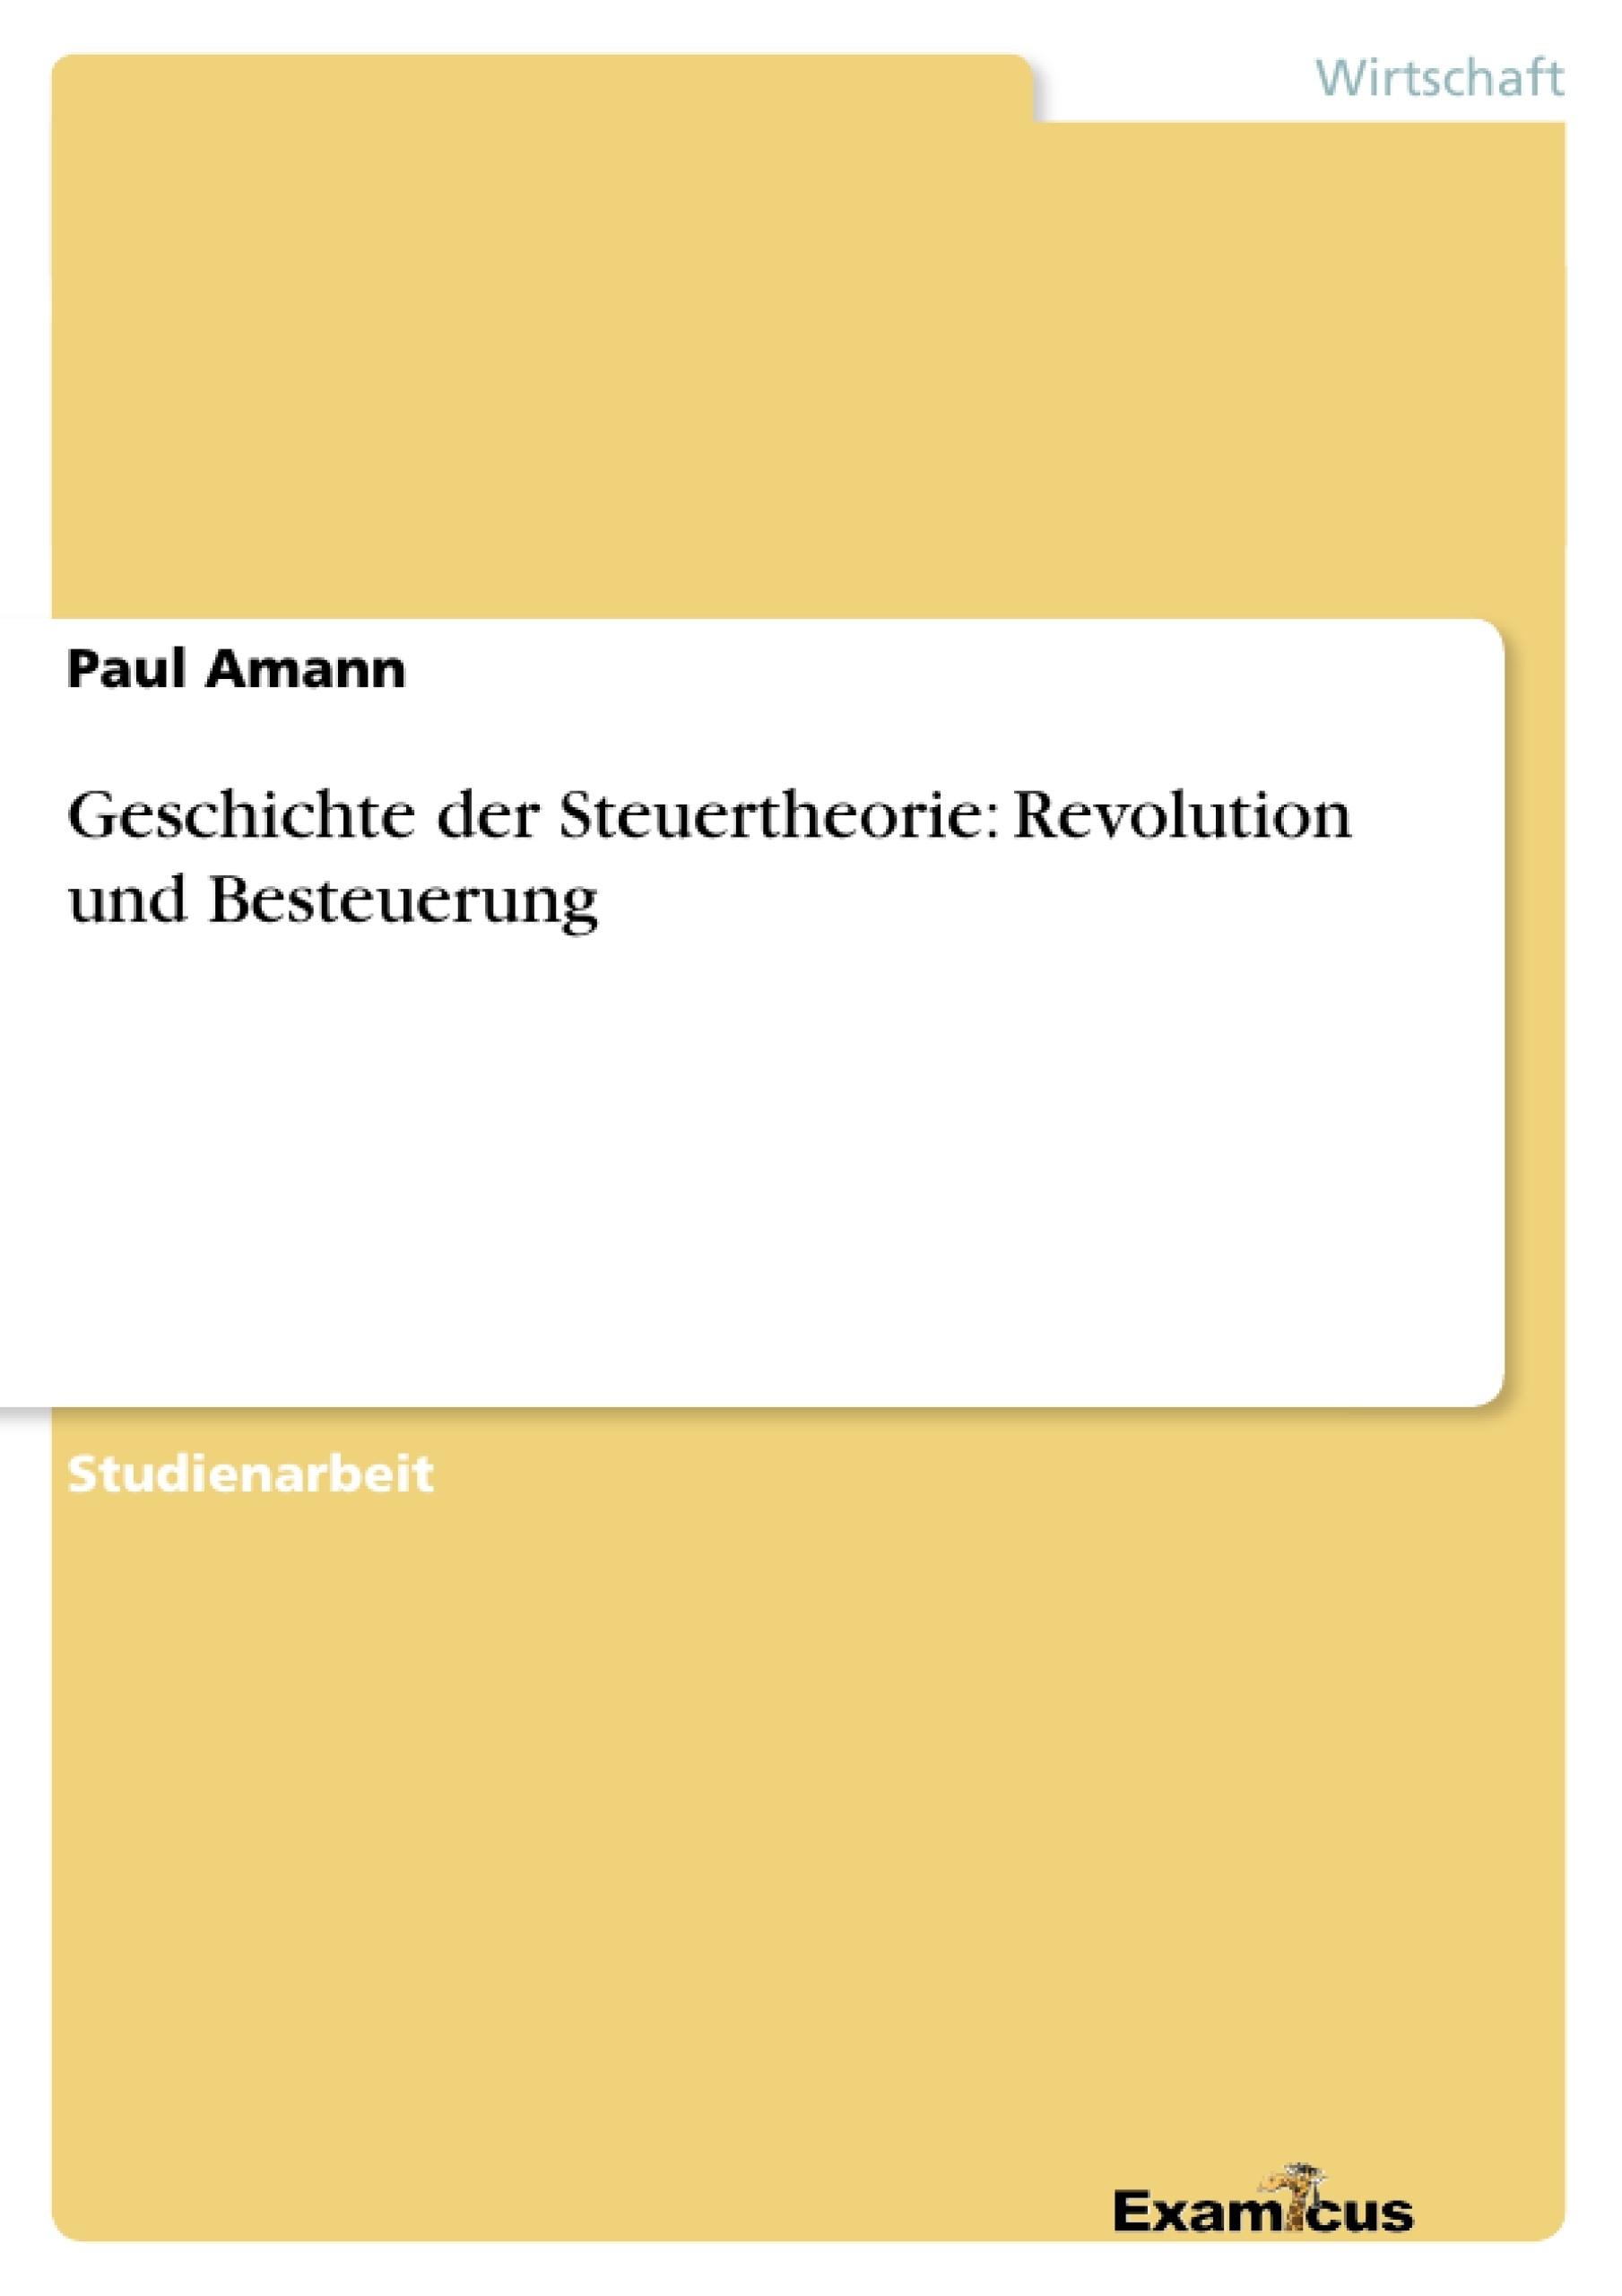 Titel: Geschichte der Steuertheorie: Revolution und Besteuerung